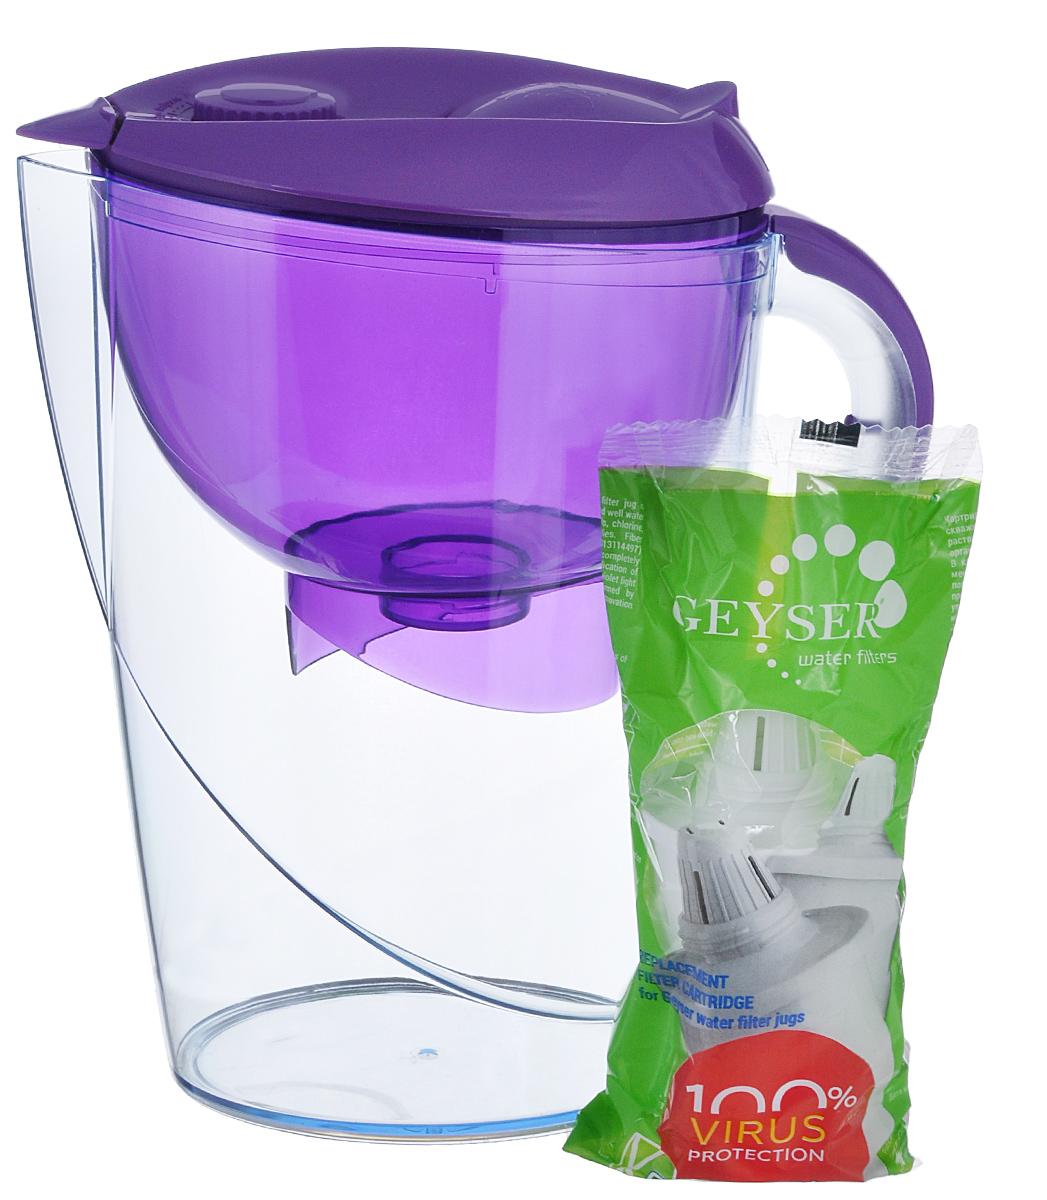 Фильтр-кувшин Гейзер Аквариус, цвет: прозрачный, сиреневый, 3,7 л62025_сиреневыйФильтр-кувшин Гейзер Аквариус. Фильтр-кувшин для очистки водопроводной и скважиной воды. Кувшин выполнен из высококачественного немецкого пищевого пластика. В крышке фильтра имеется специальный клапан, с помощью которого можно заливать воду, не снимая крышки. Нескользящая ручка позволяет удобно держать кувшин. В комплект Гейзер Аквариус входиткартридж 501 для фильтра-кувшина, состоящий из уникального материала Каталон, ионообменной смолы и кокосового угля. Удаляет ржавчину, растворенное железо, органические соединения, тяжёлые металлы, хлор и др. виды примесей. Содержит активное серебро в несмываемой форме, которое блокирует размножение бактерий. Картридж вкручивается в приемную воронку кувшина, обеспечивая герметичное соединение, что позволяет исключить протечку исходной воды в отфильтрованную. Преимущества Фильтра-кувшина Гейзер Аквариус: Картридж с материалом Каталон (100% защита от вирусов) Специальный клапан для заливки воды ...